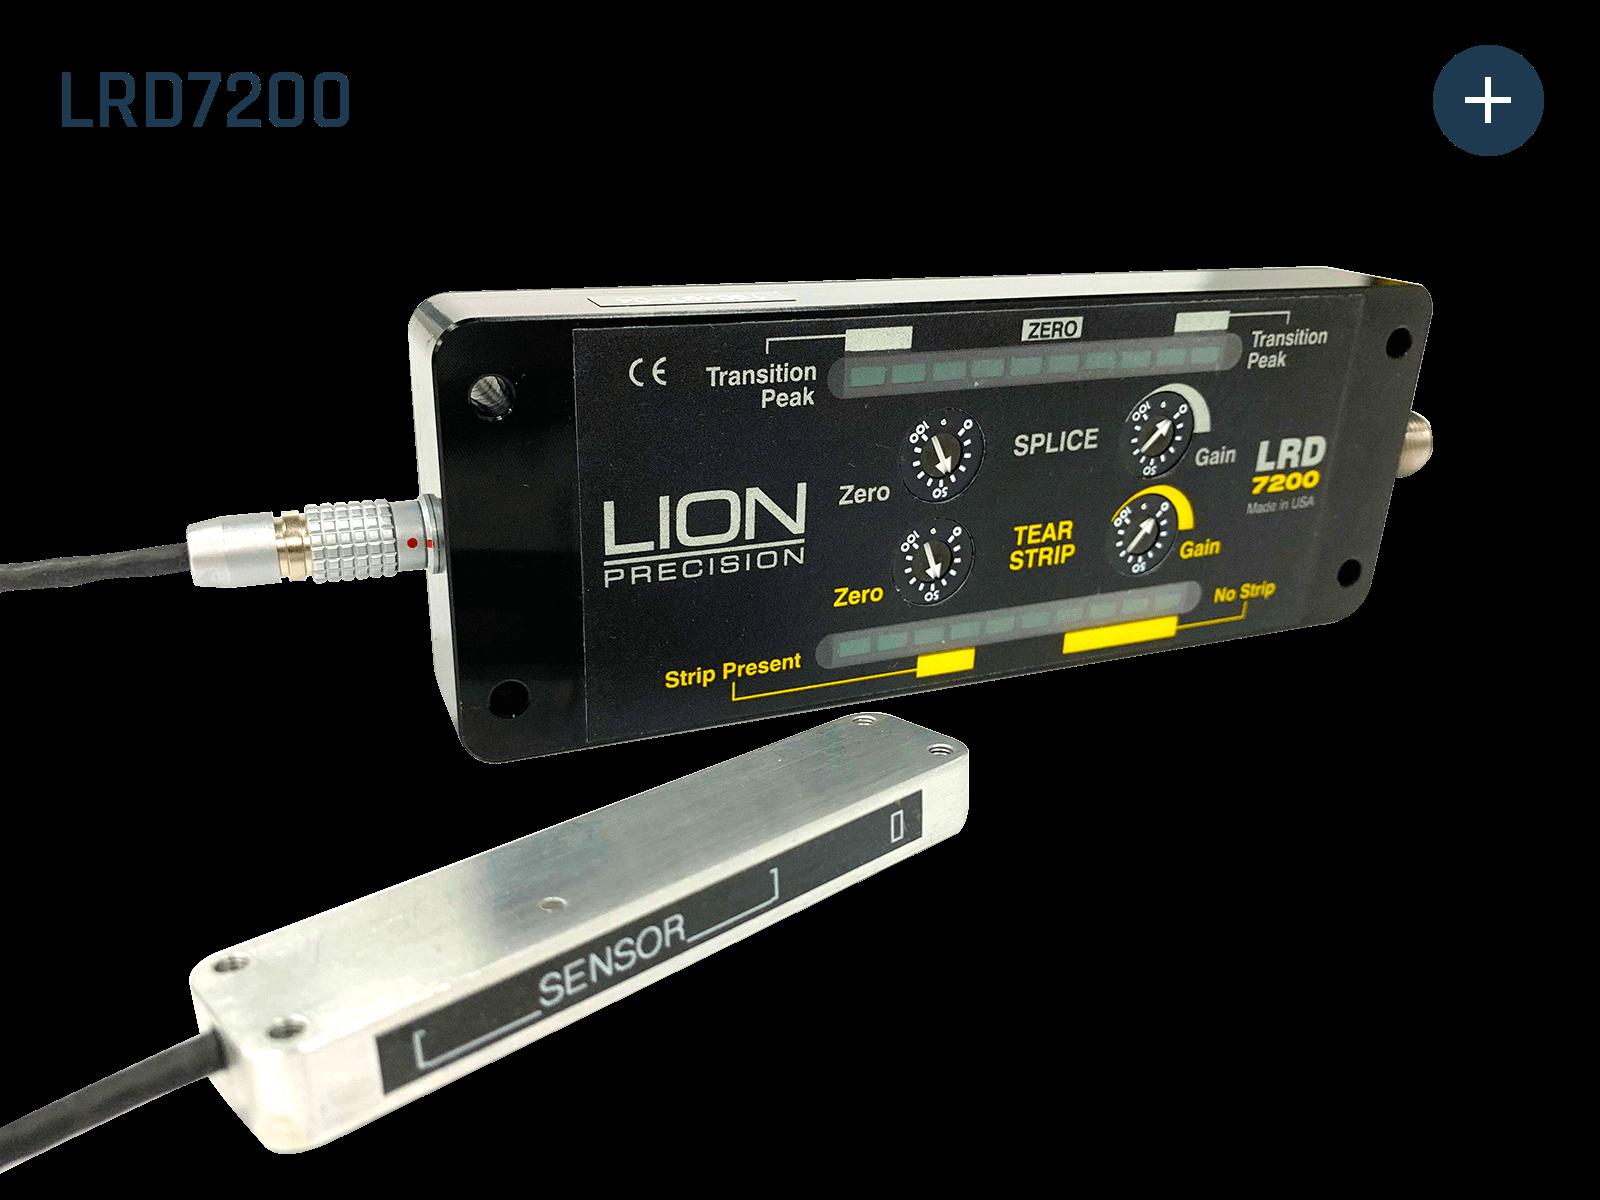 LRD7200.